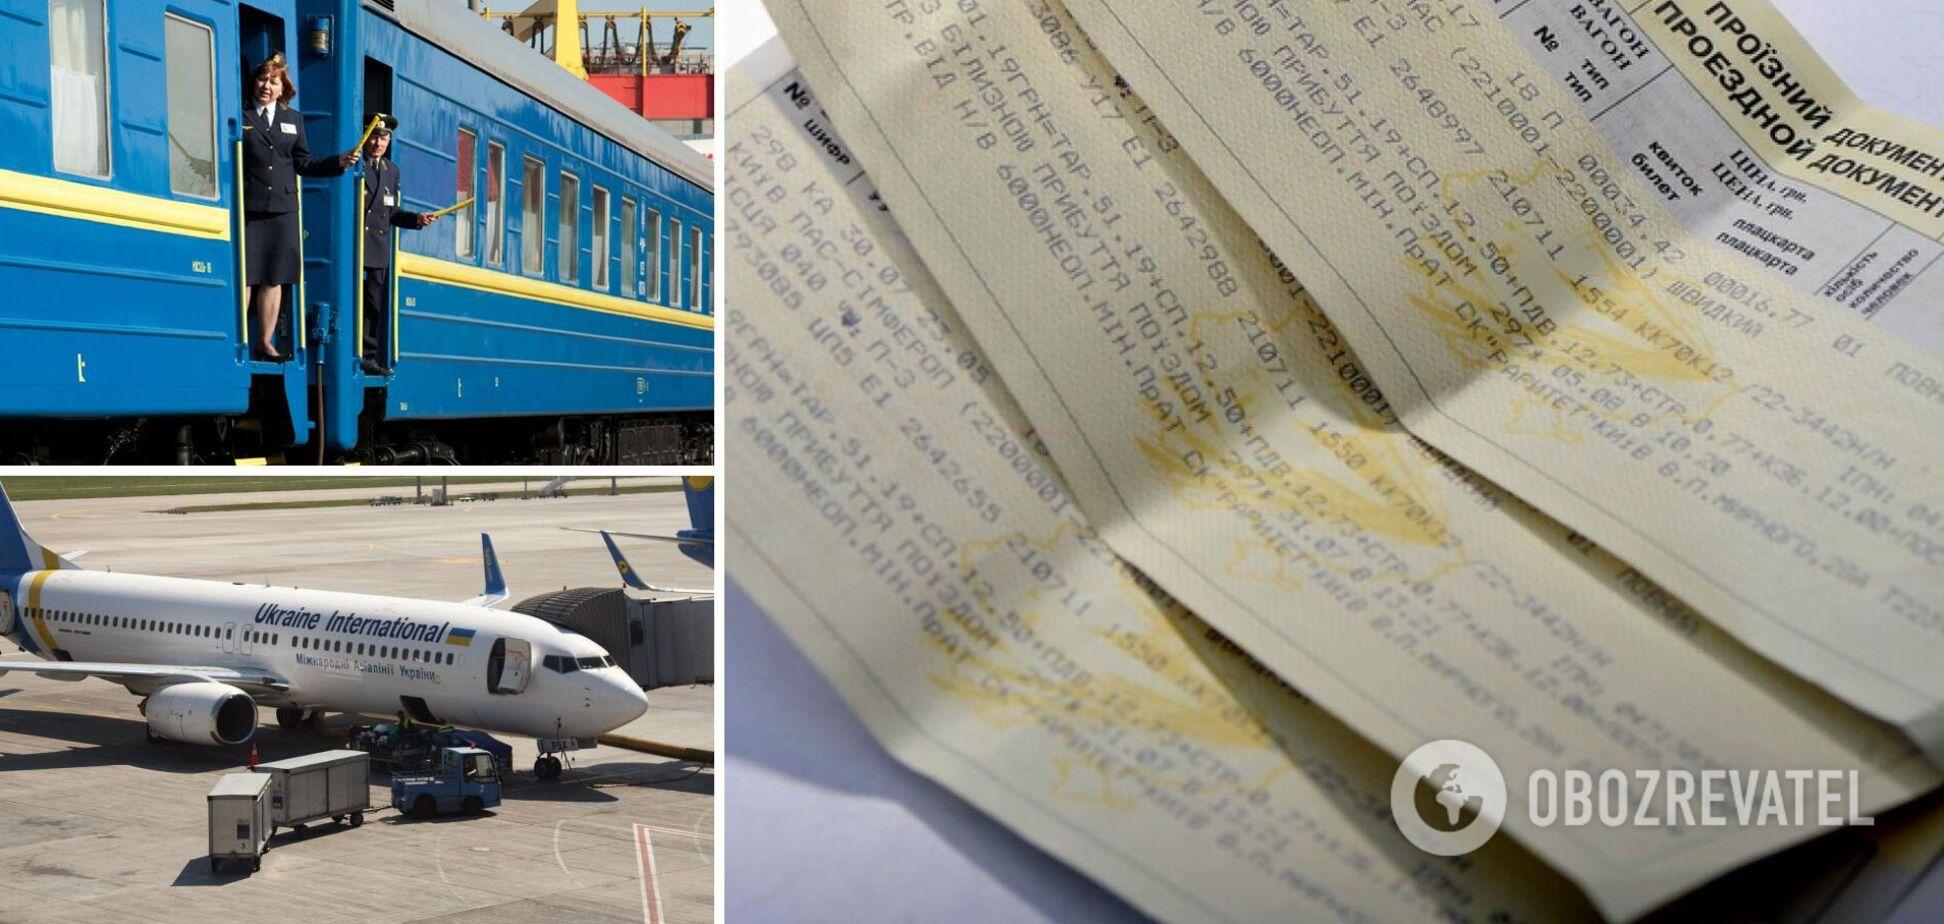 'Укрзалізниця' повысит стоимость билетов на 20% на все поезда: сколько заплатим и как экономить